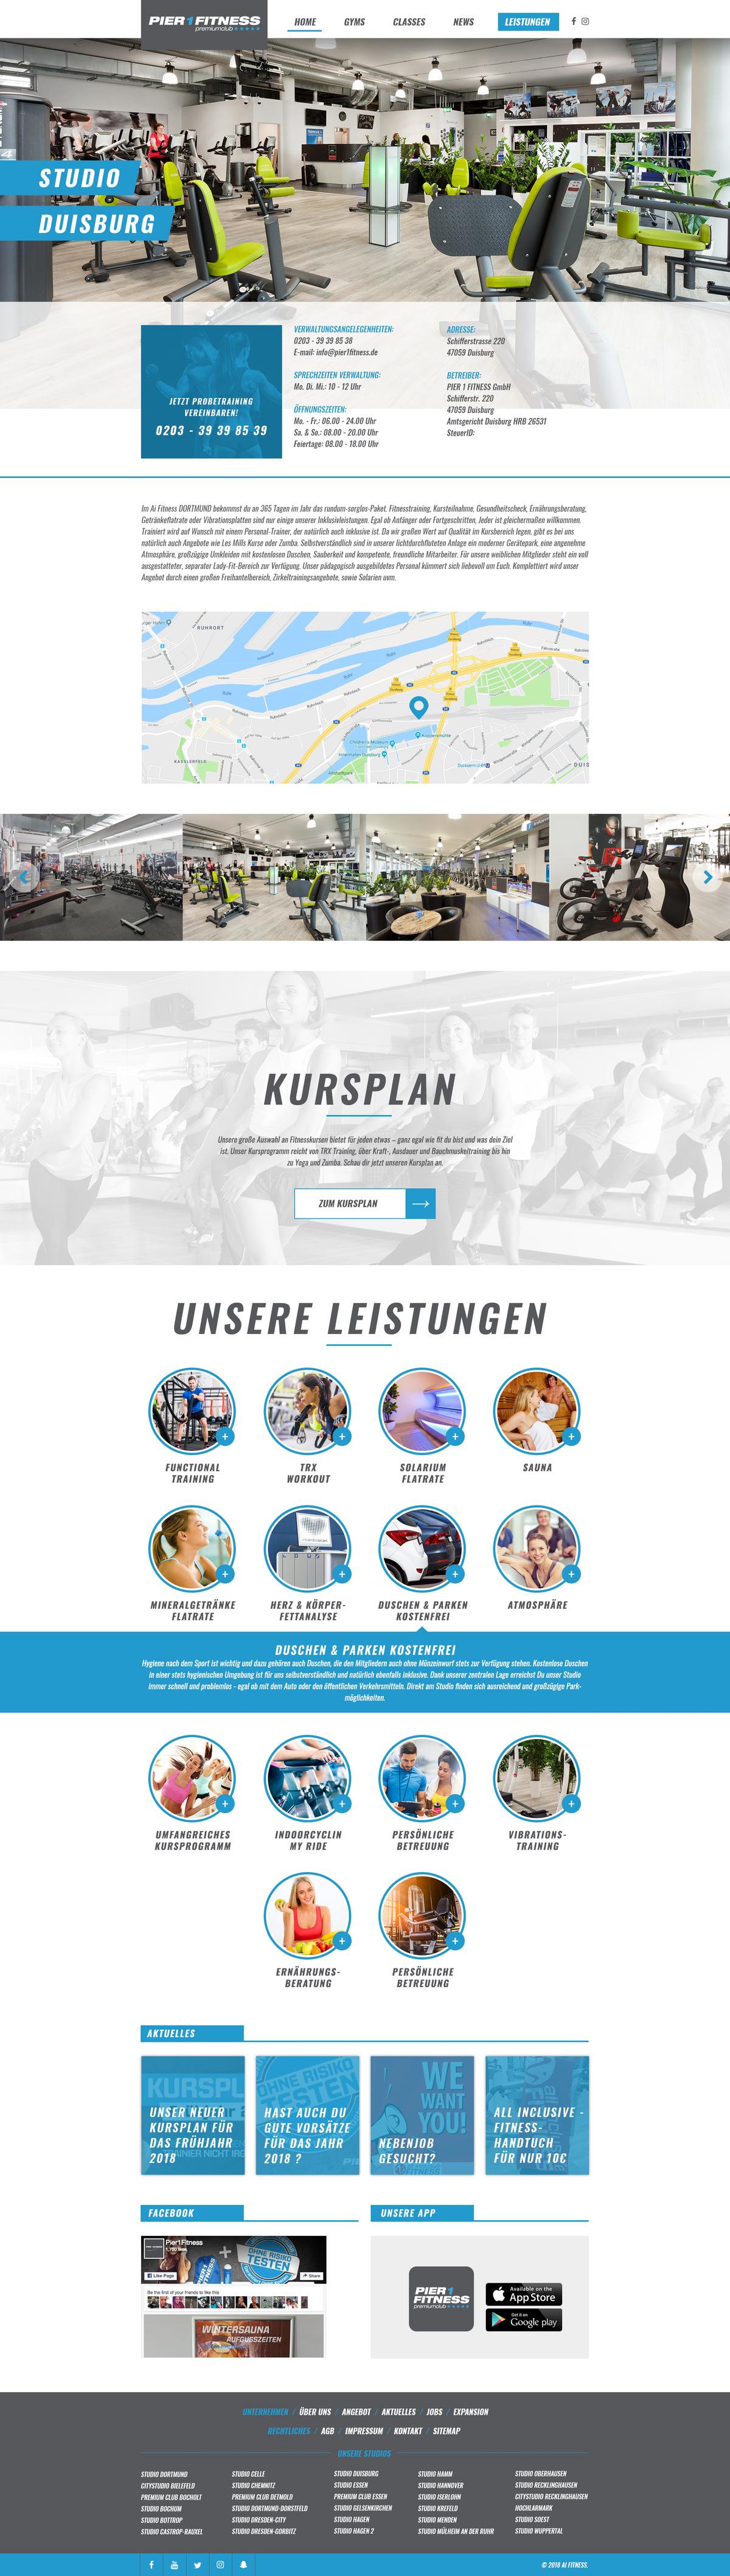 """Gym website template adjusted for specific gym + internal pages like """"Kontakt"""", """"Impressum"""""""